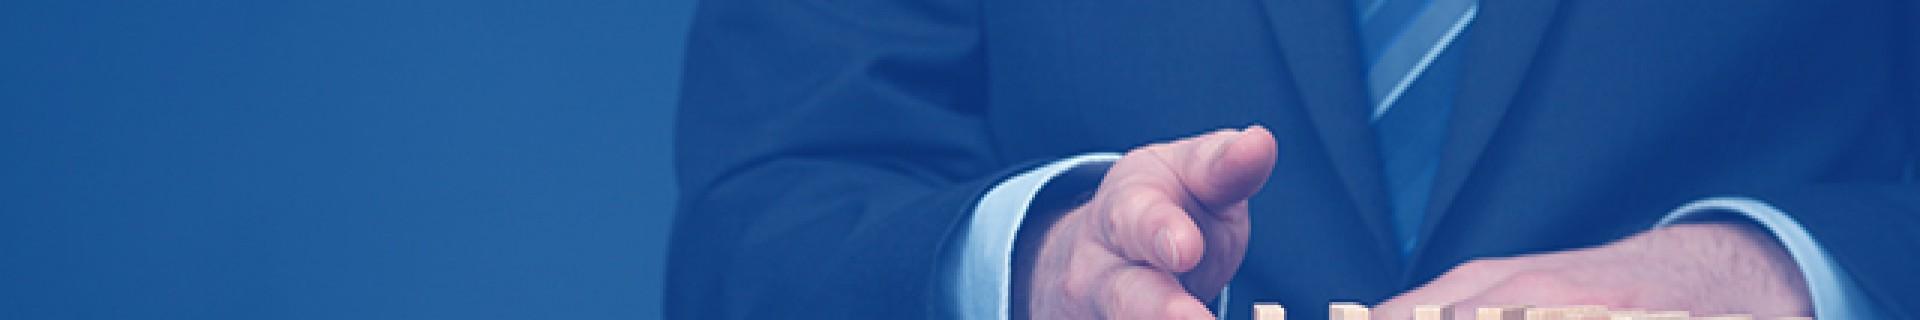 Застрахователен бизнес и риск мениджмънт